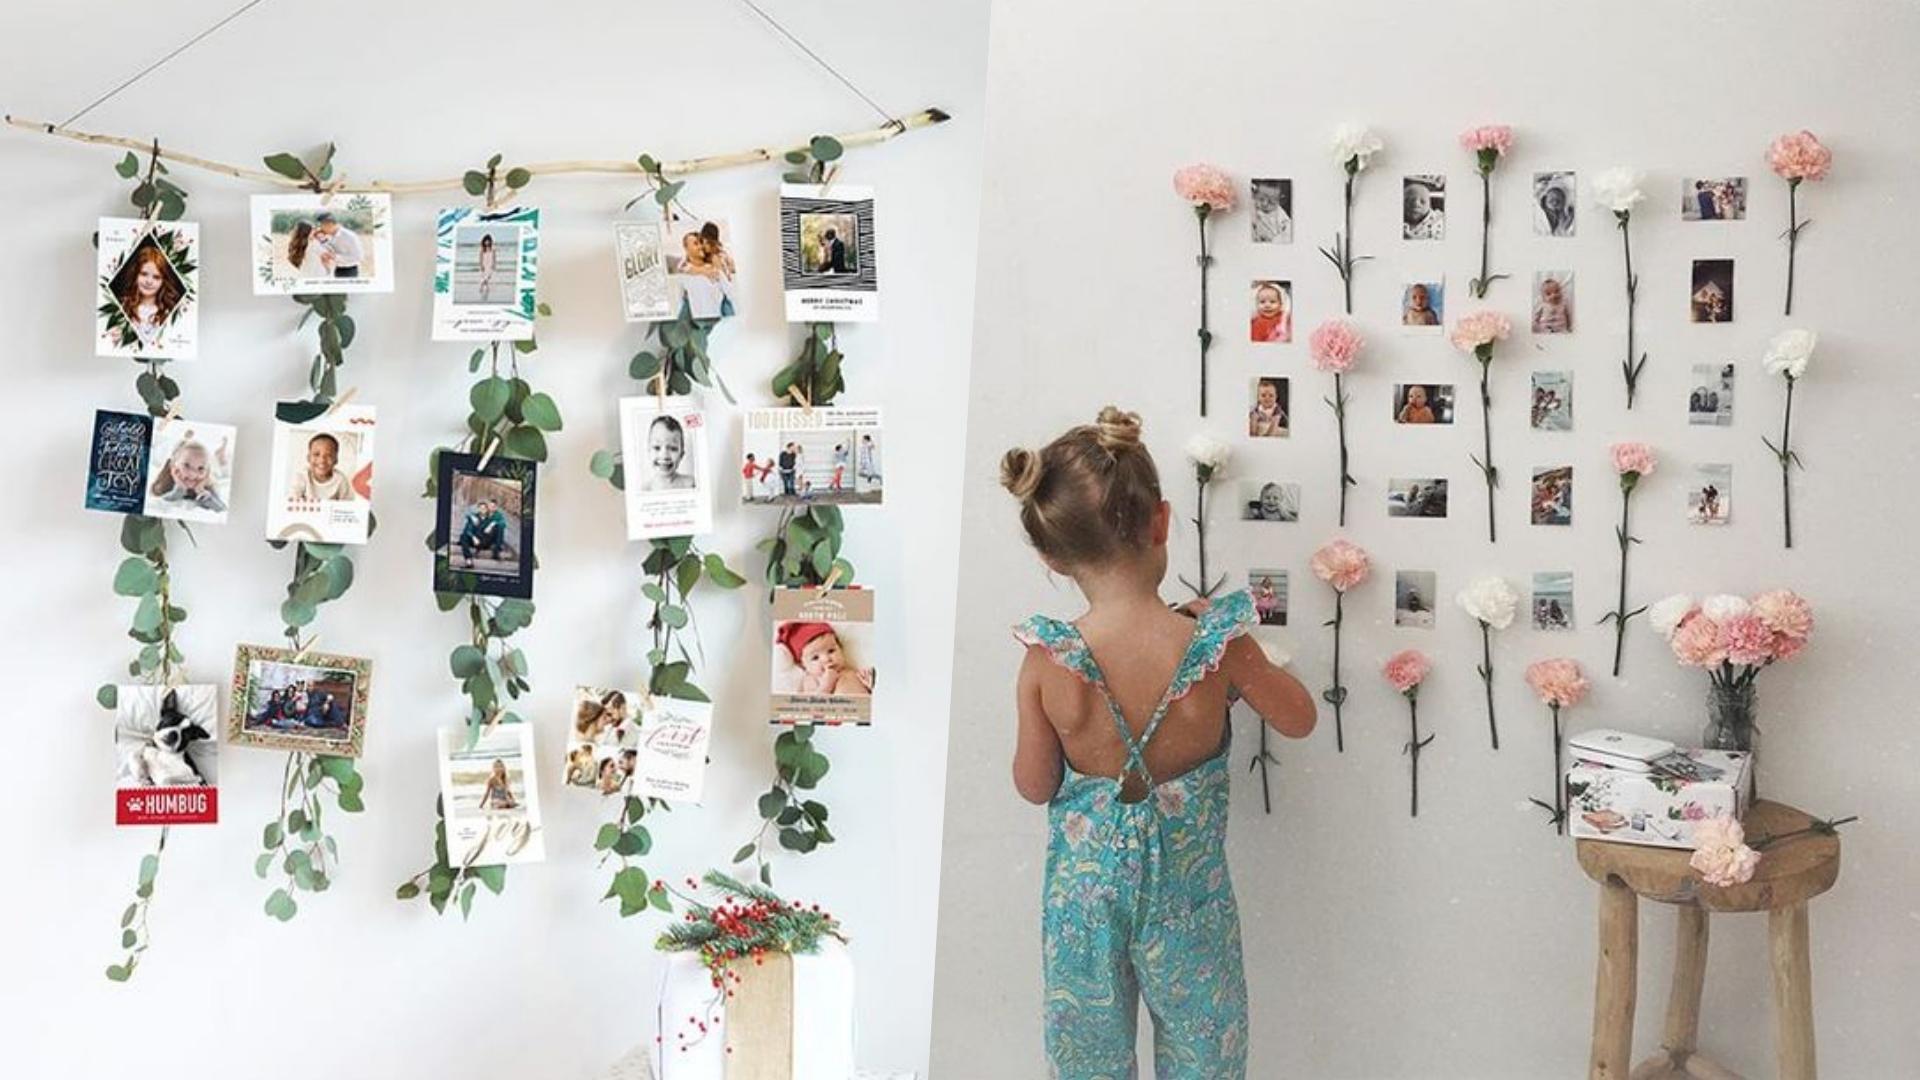 將植物和照片結合,為家中增添綠意吧!